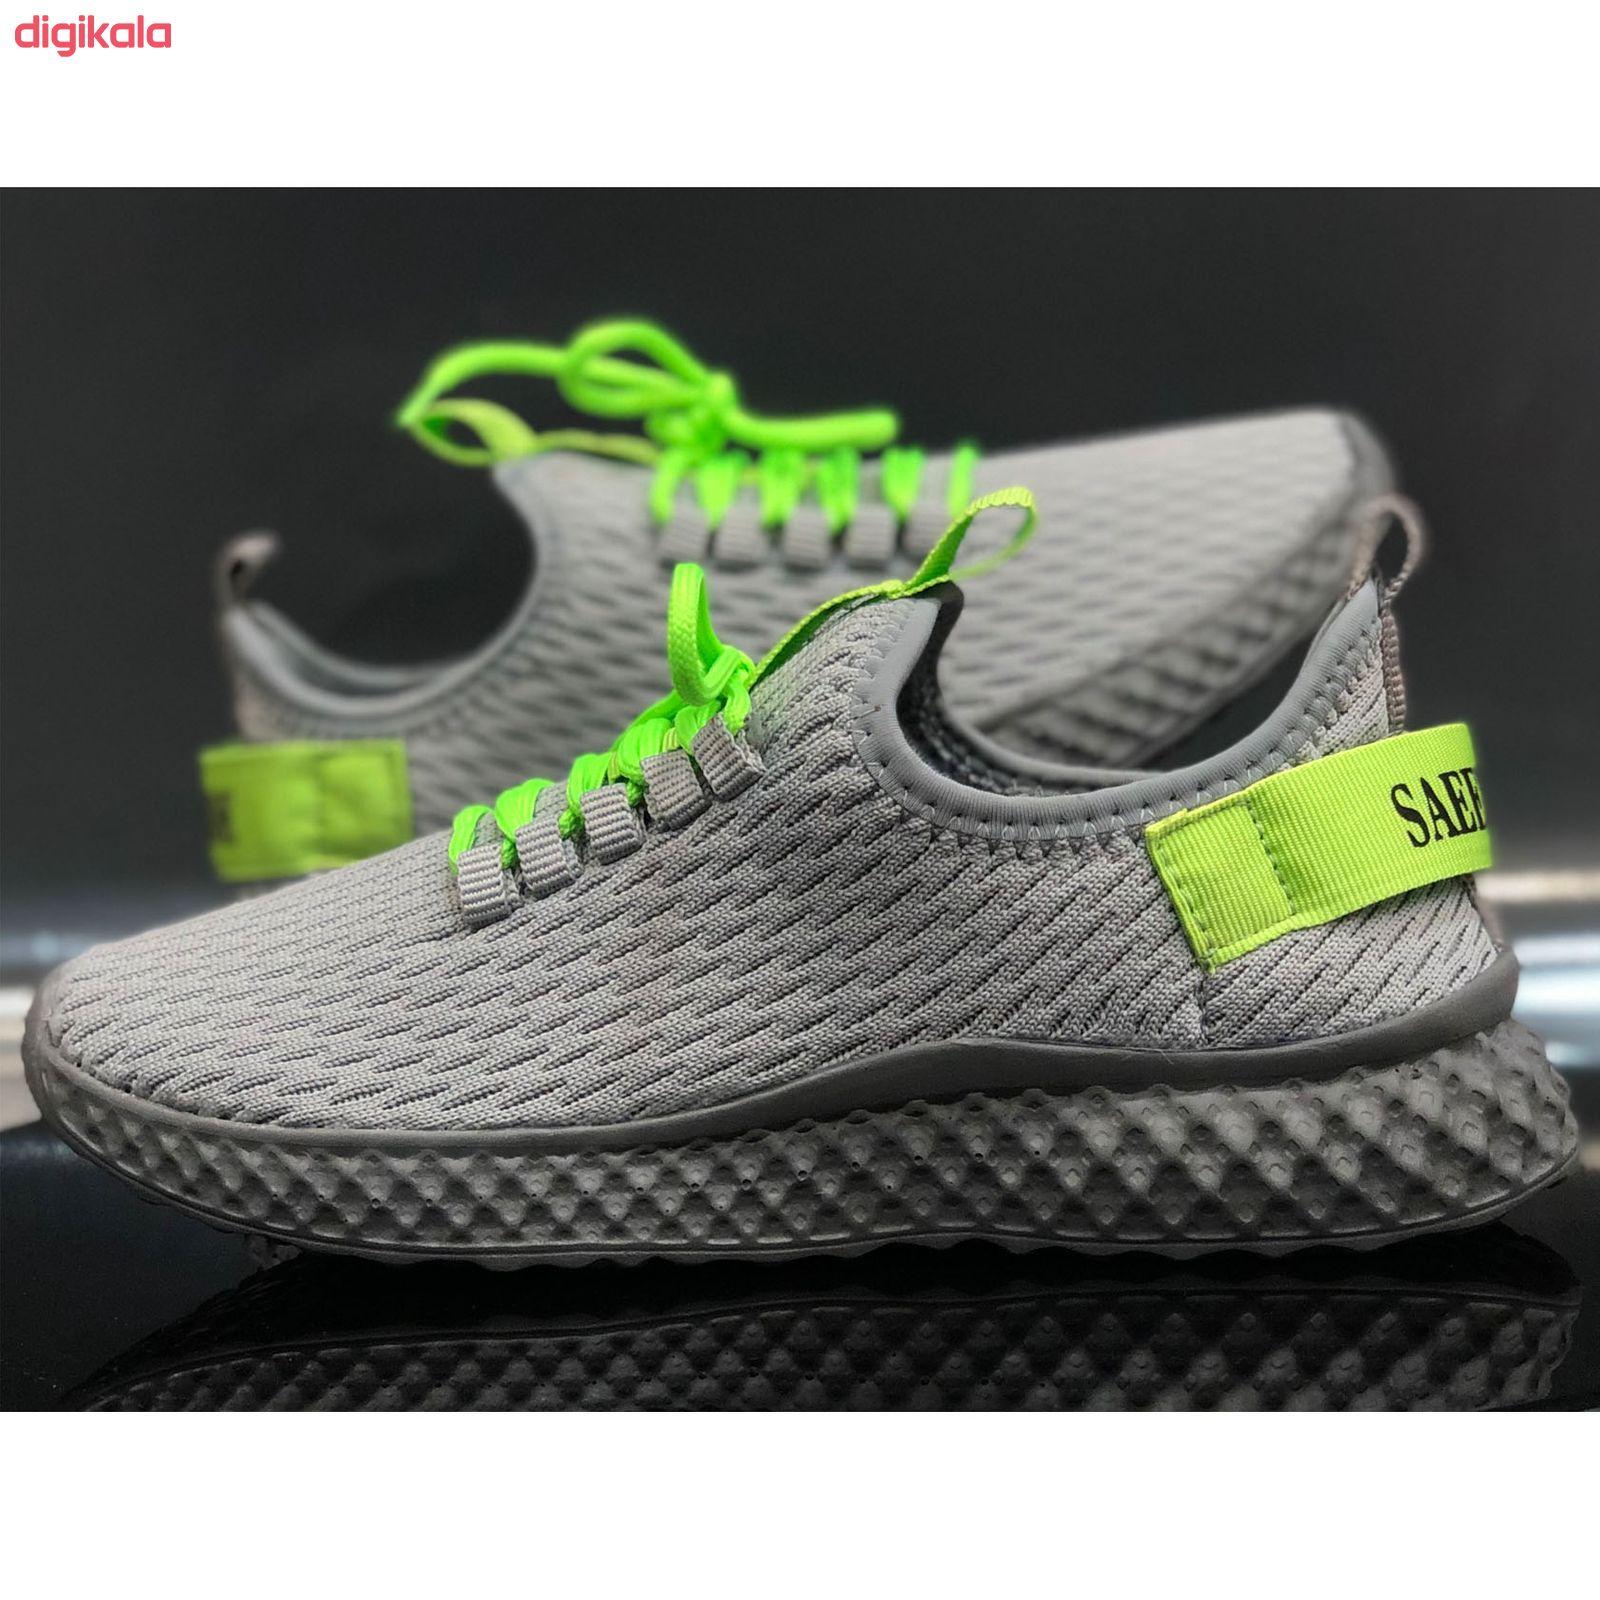 کفش اسکیت برد کفش سعیدی مدل Sa 8000 main 1 2